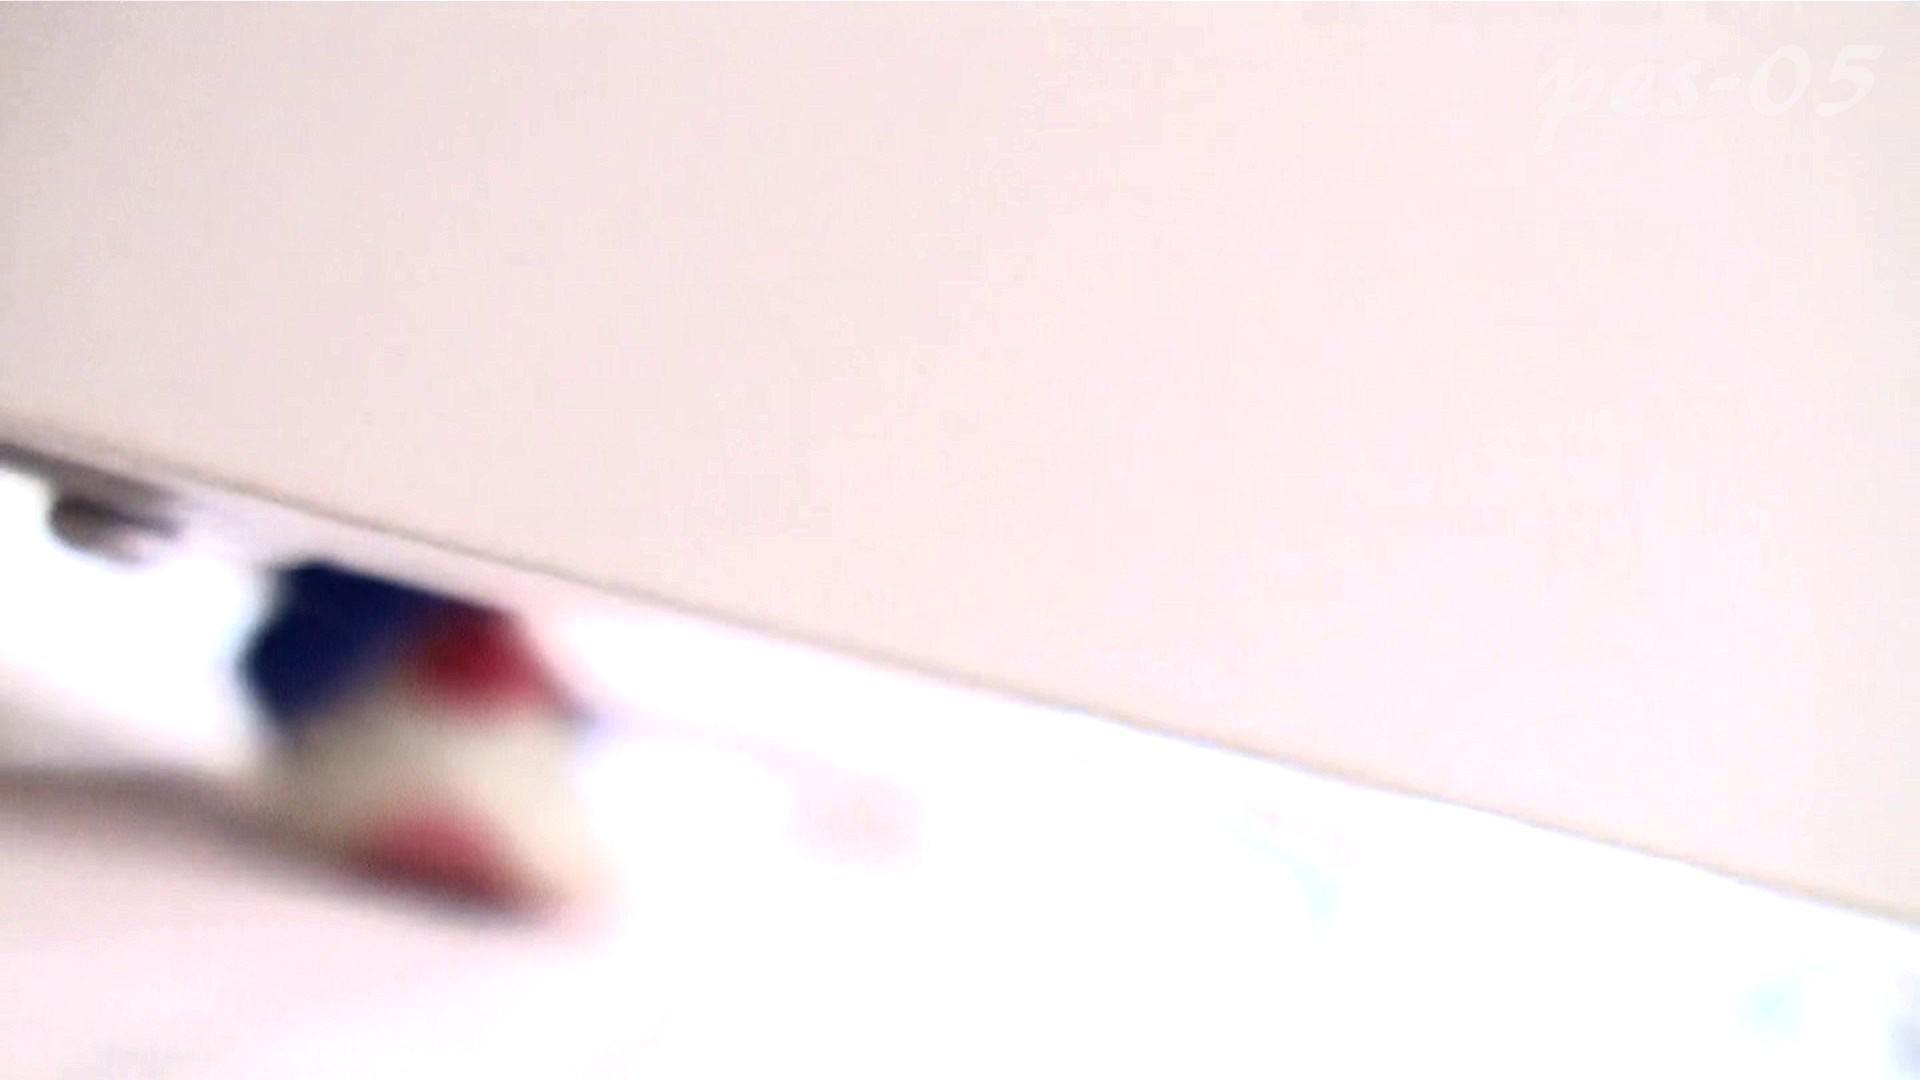 ※100個限定販売 至高下半身盗撮-プレミアム-【体育館編】VOL.5 ギャル攻め AV動画キャプチャ 108画像 102